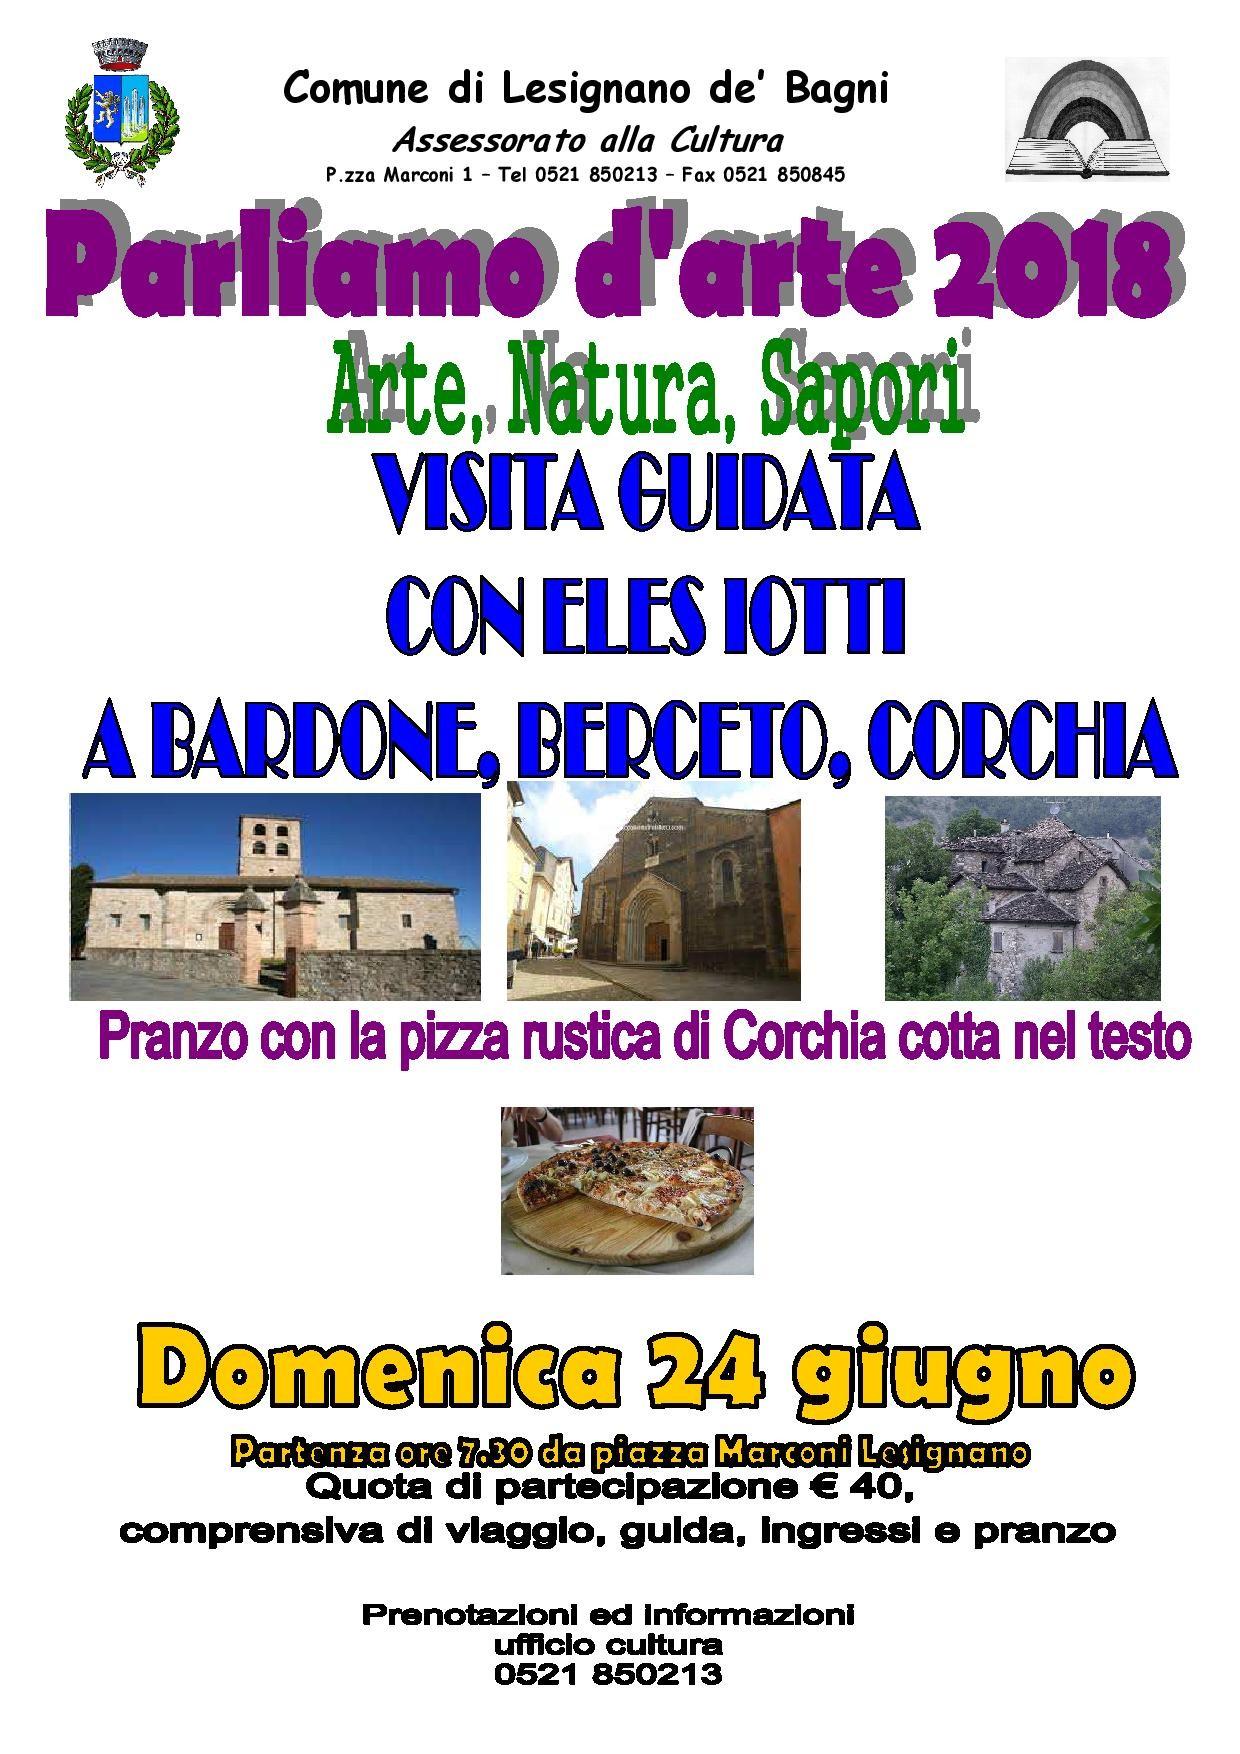 Parliamo d'arte: visita guidata a Bardone, Berceto e Corchia